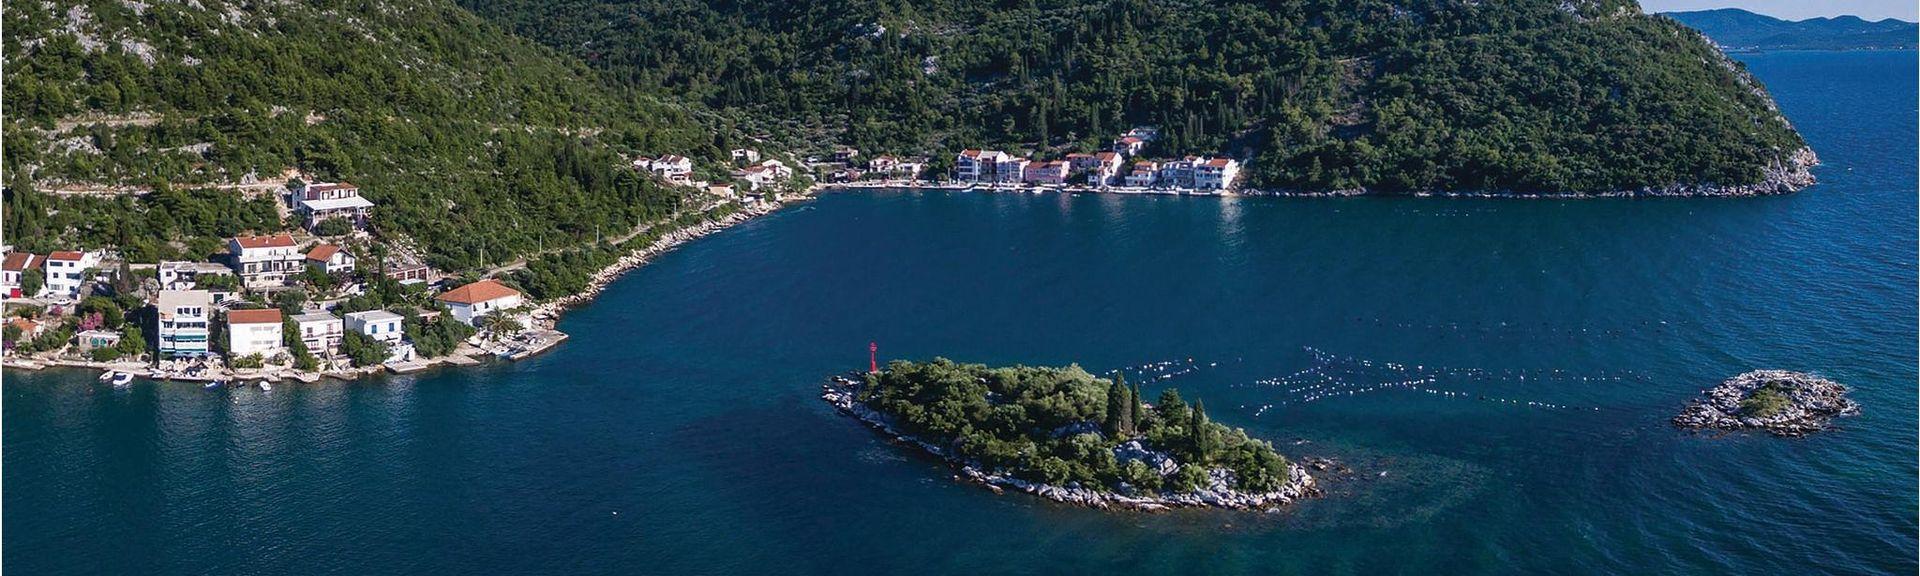 Komarna, Slivno, Comitat de Dubrovnik-Neretva, Croatie